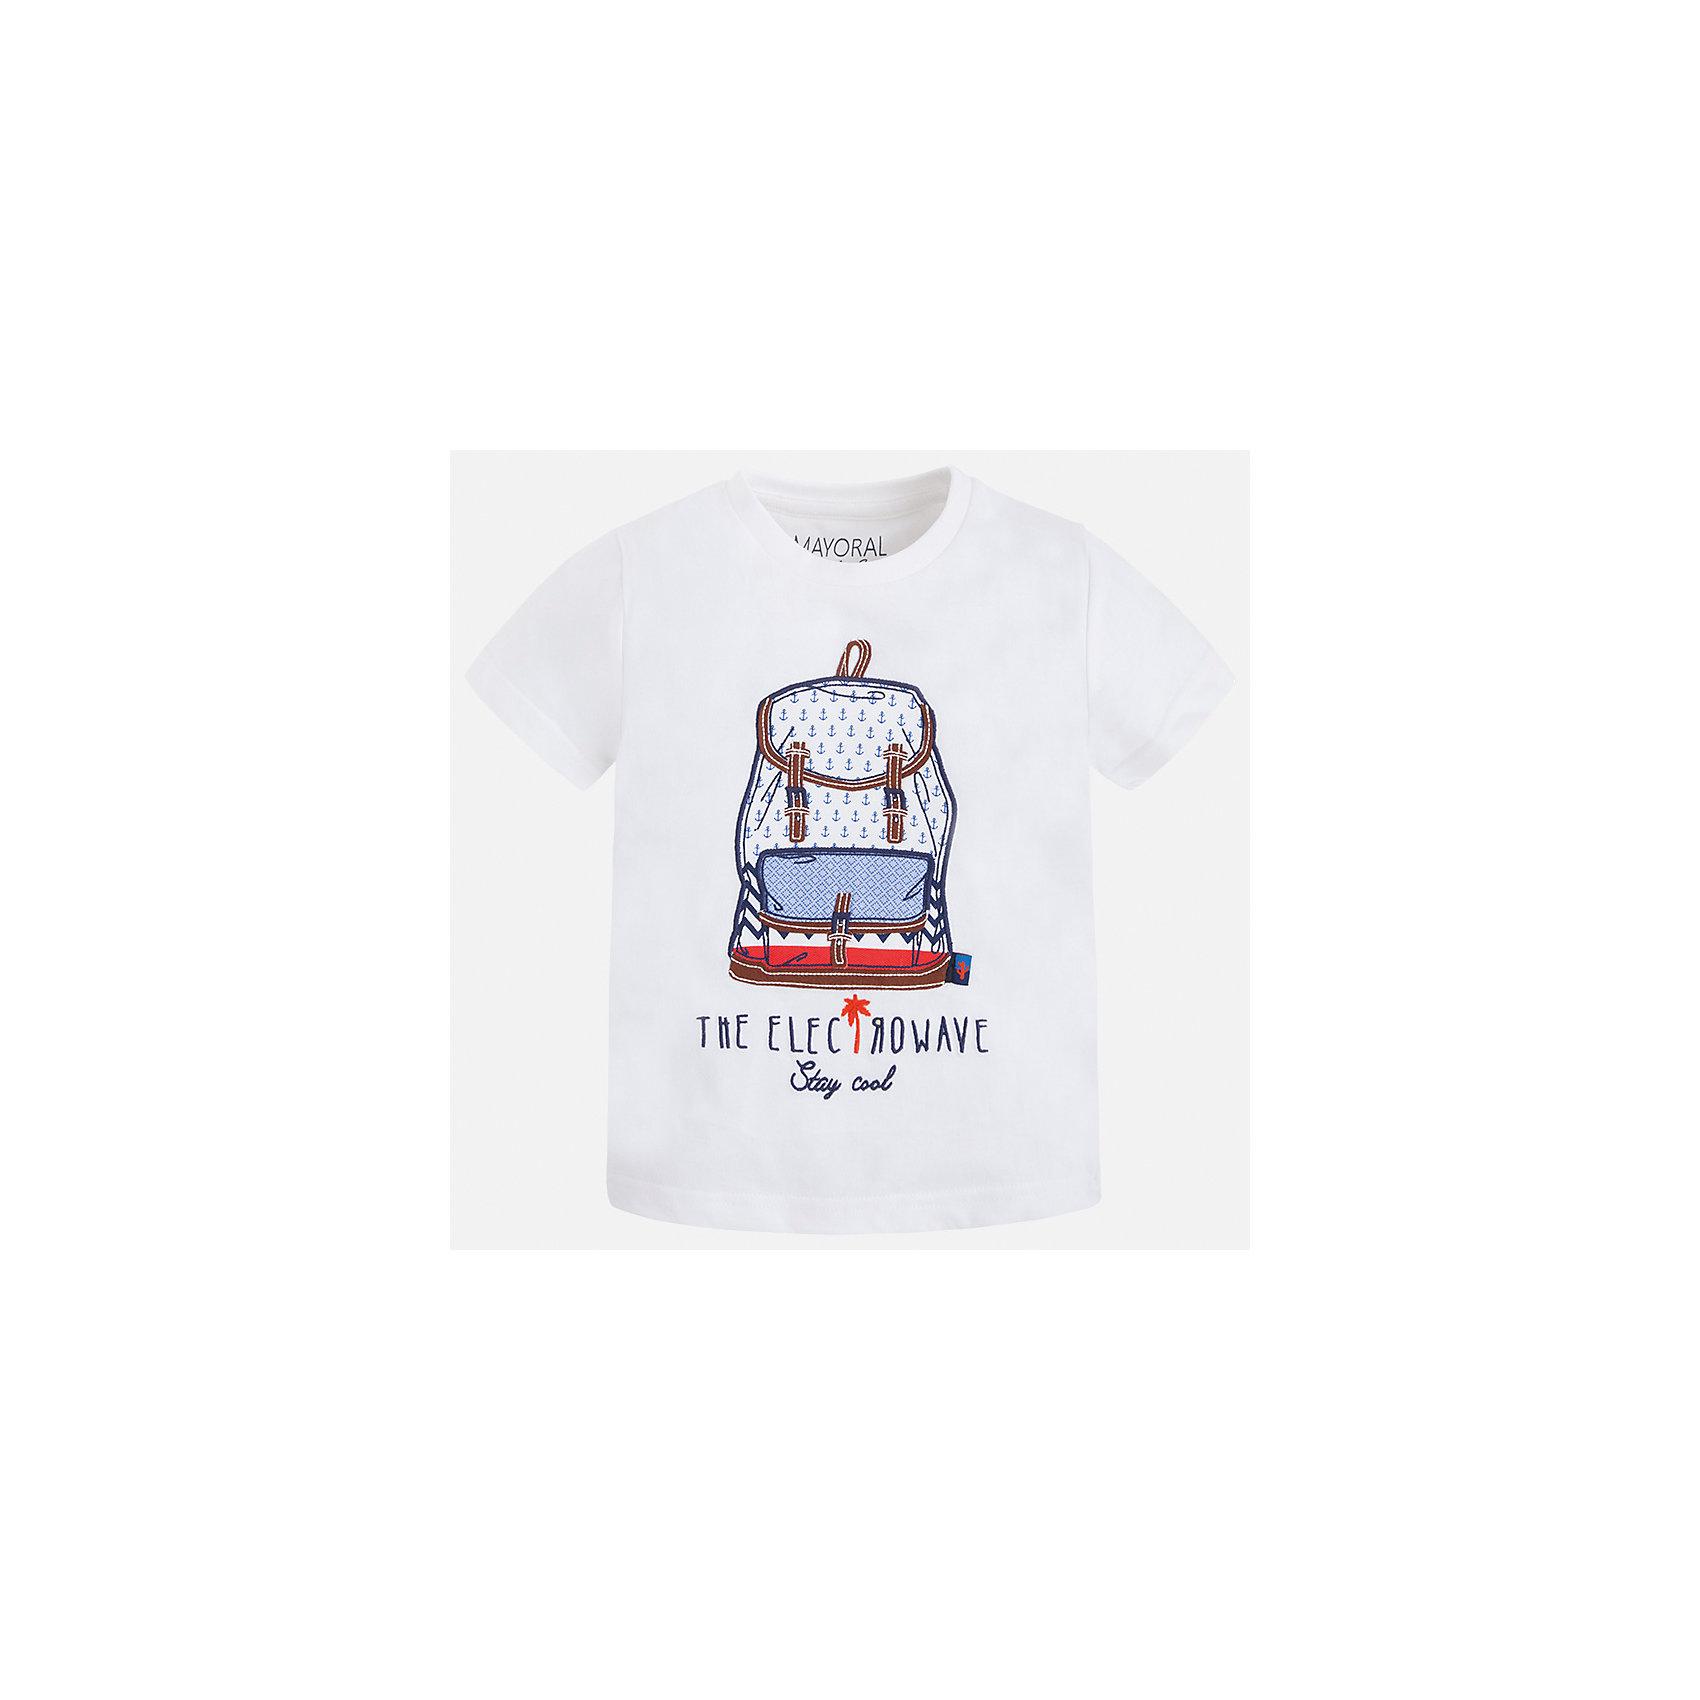 Футболка для мальчика MayoralФутболки, поло и топы<br>Характеристики товара:<br><br>• цвет: белый<br>• состав: 100% хлопок<br>• круглый горловой вырез<br>• принт впереди<br>• короткие рукава<br>• отделка горловины<br>• страна бренда: Испания<br><br>Модная удобная футболка с принтом поможет разнообразить гардероб мальчика. Она отлично сочетается с брюками, шортами, джинсами и т.д. Универсальный крой и цвет позволяет подобрать к вещи низ разных расцветок. Практичное и стильное изделие! В составе материала - только натуральный хлопок, гипоаллергенный, приятный на ощупь, дышащий.<br><br>Одежда, обувь и аксессуары от испанского бренда Mayoral полюбились детям и взрослым по всему миру. Модели этой марки - стильные и удобные. Для их производства используются только безопасные, качественные материалы и фурнитура. Порадуйте ребенка модными и красивыми вещами от Mayoral! <br><br>Футболку для мальчика от испанского бренда Mayoral (Майорал) можно купить в нашем интернет-магазине.<br><br>Ширина мм: 199<br>Глубина мм: 10<br>Высота мм: 161<br>Вес г: 151<br>Цвет: белый<br>Возраст от месяцев: 36<br>Возраст до месяцев: 48<br>Пол: Мужской<br>Возраст: Детский<br>Размер: 104,134,128,122,116,110,98,92<br>SKU: 5279800